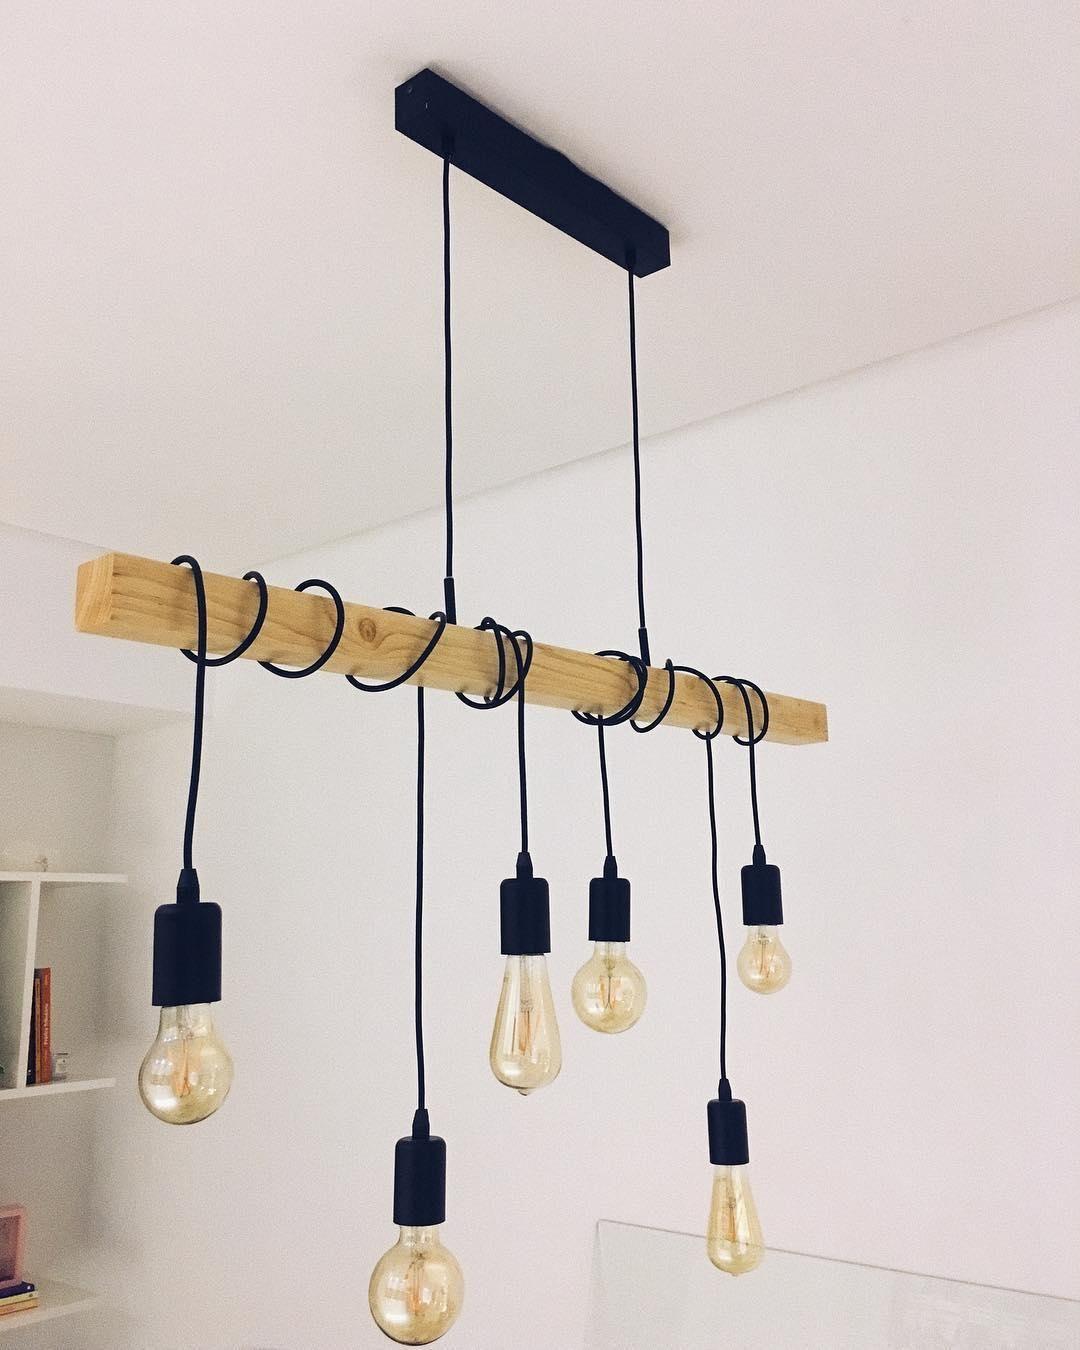 Modern Vibes Mit Der Einzigartigen Pendelleuchte Townshed Sorgst Du Fur Ein Highlight In Deinem Zuhaus Lampe Industrial Anhanger Lampen Esszimmer Lampe Modern